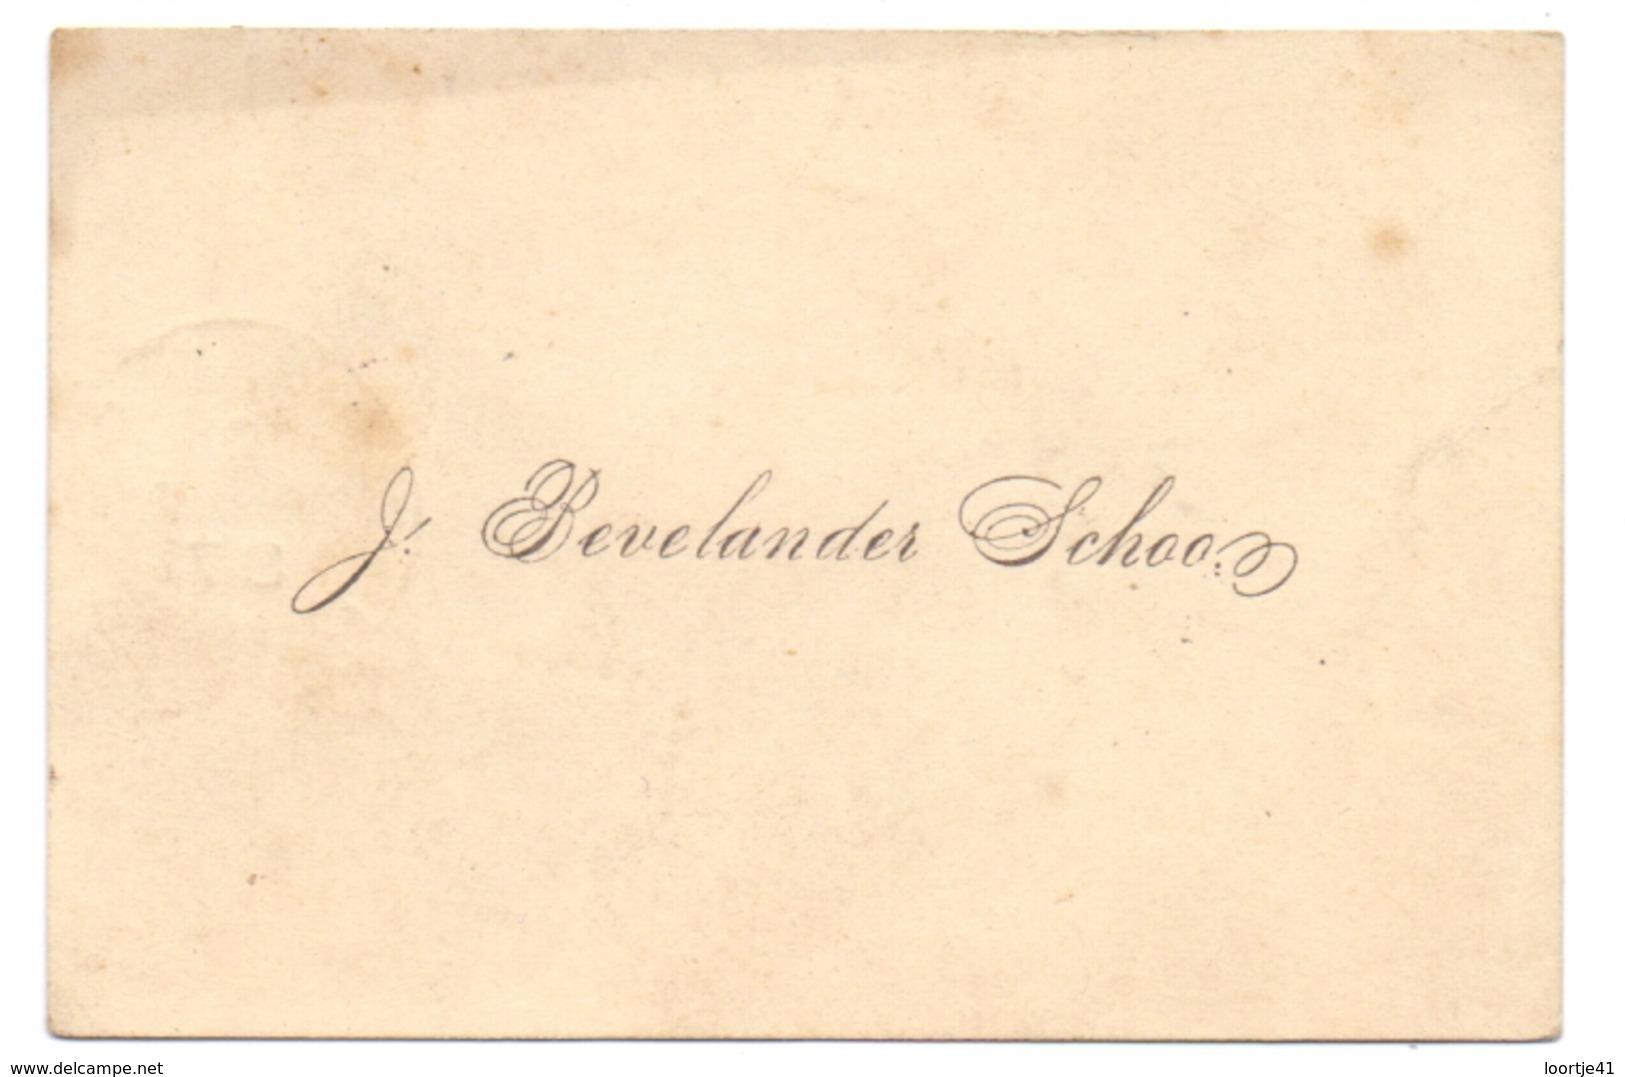 Visitekaartje - Carte Visite - Visiting Card - J. Bevelander Schoon - Verstuurd Groede Naar Terneuzen - Cartes De Visite